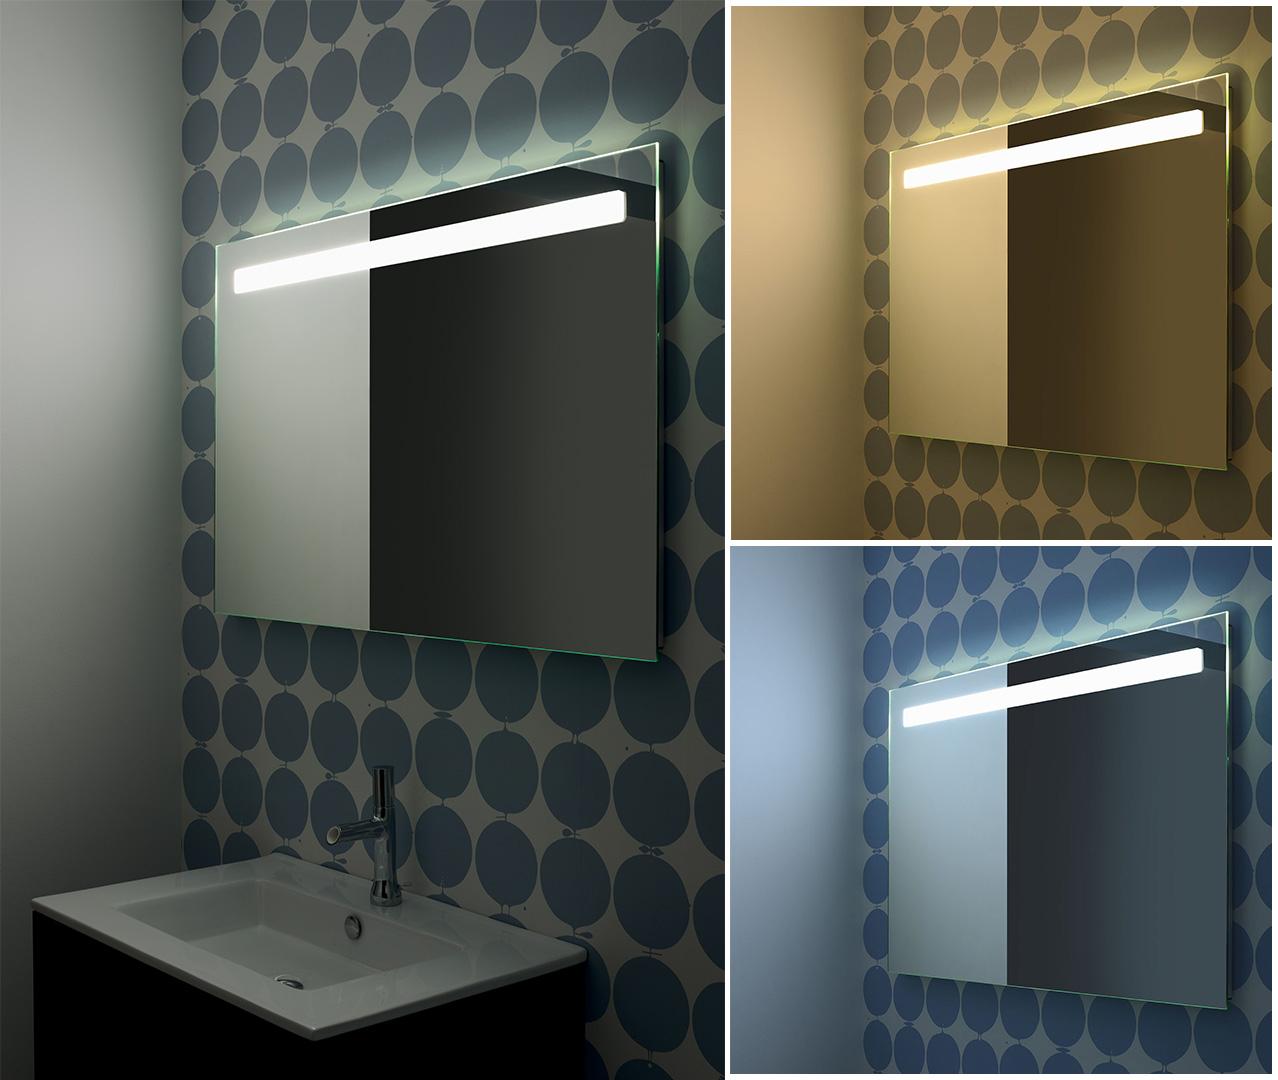 Miroir Salle De Bain Led 120 Cm Archives Agencecormierdelauniere Com Agencecormierdelauniere Com